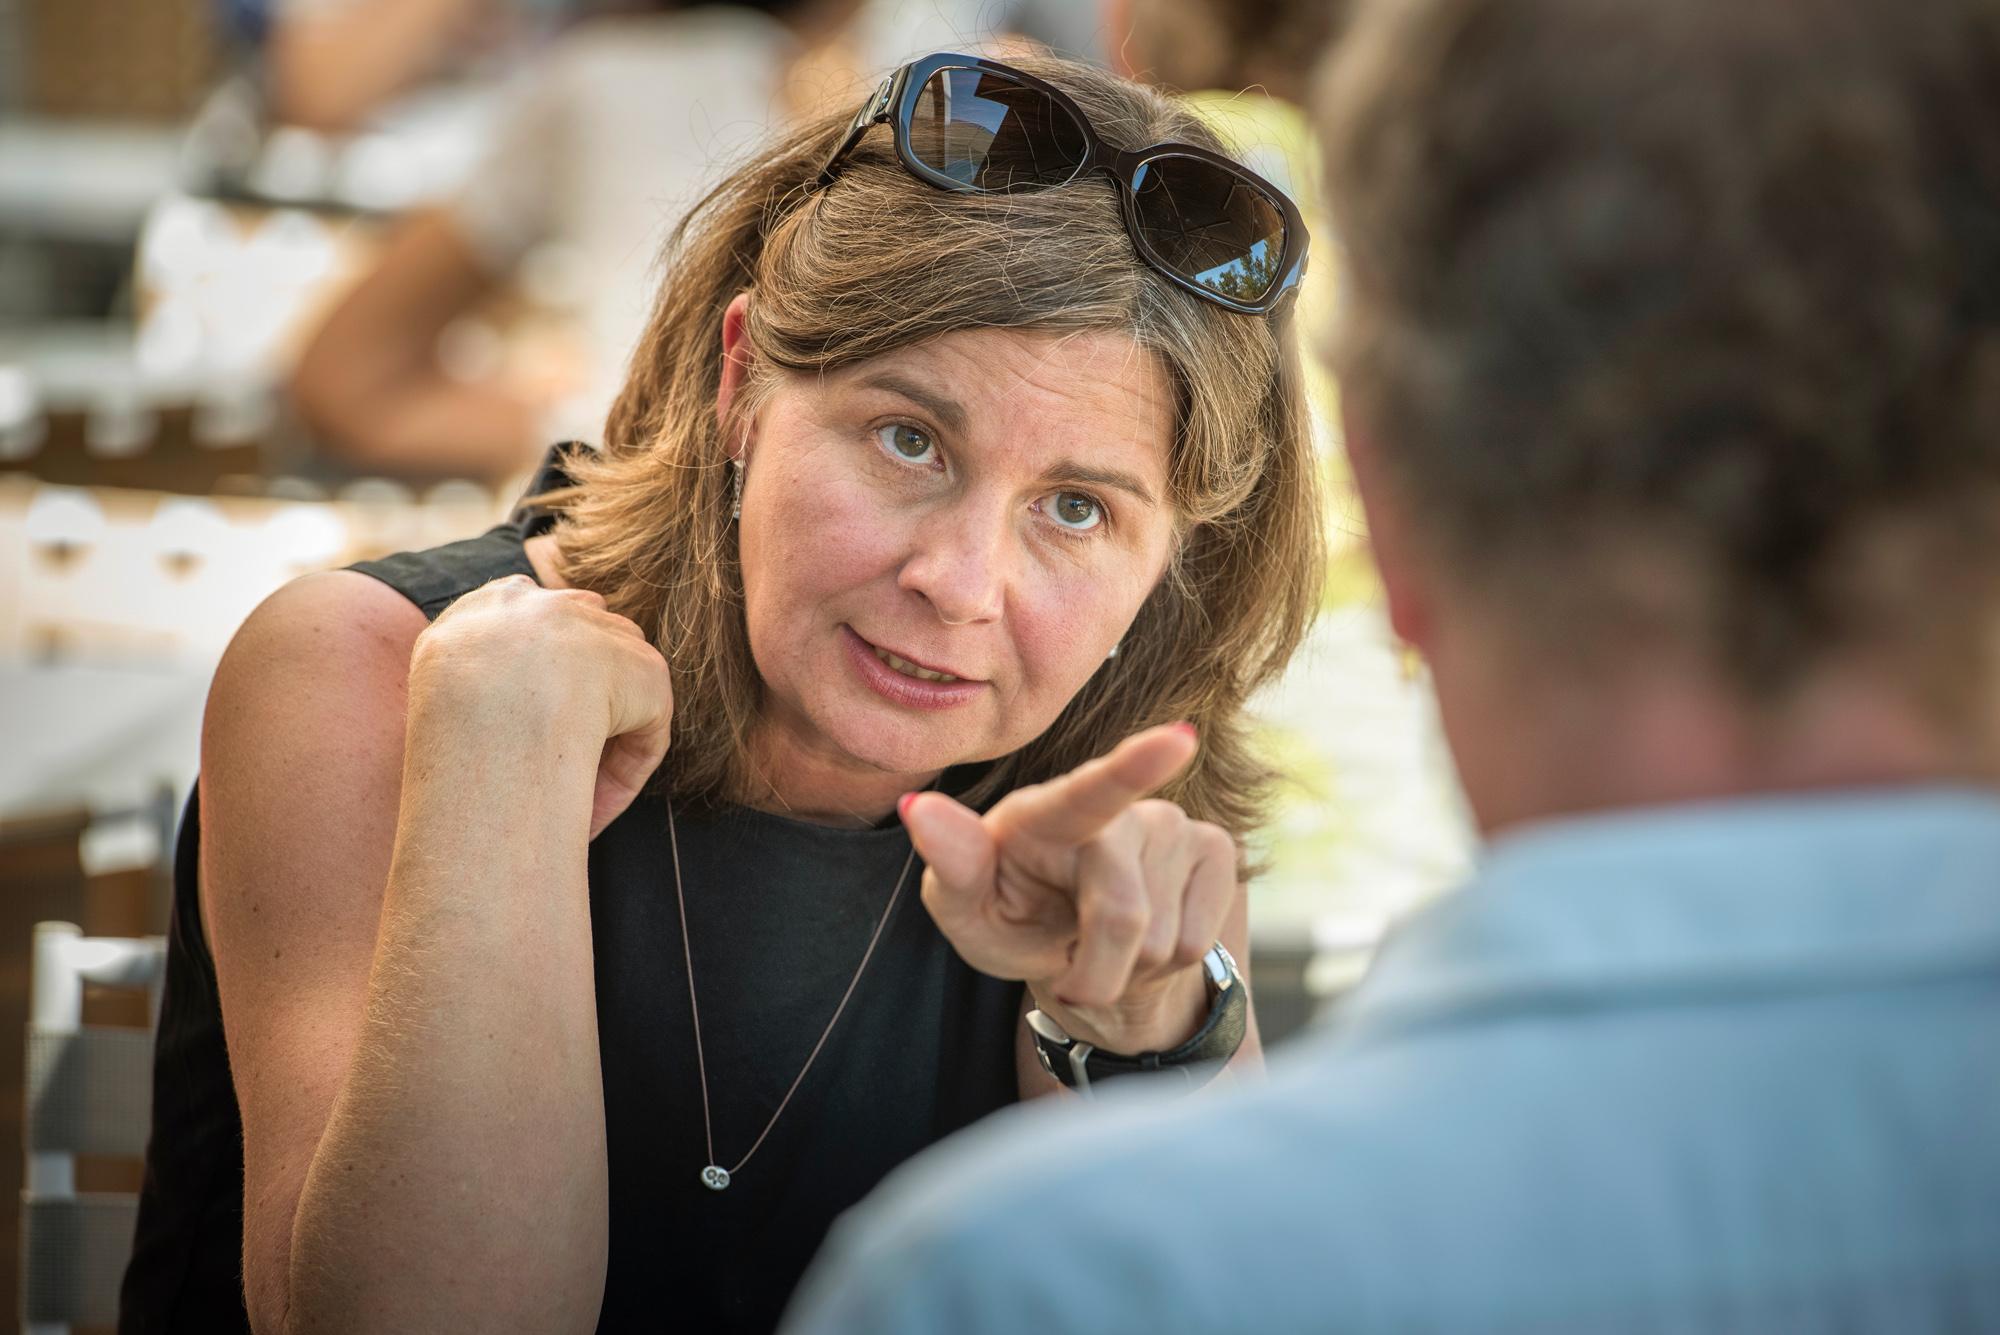 «Ich bin nicht der Meinung, dass der Staat auf jedem Gebiet alles subventionieren muss»: Martina Bernasconi, grünliberale Kandidatin für das Regierungsratspräsidium.